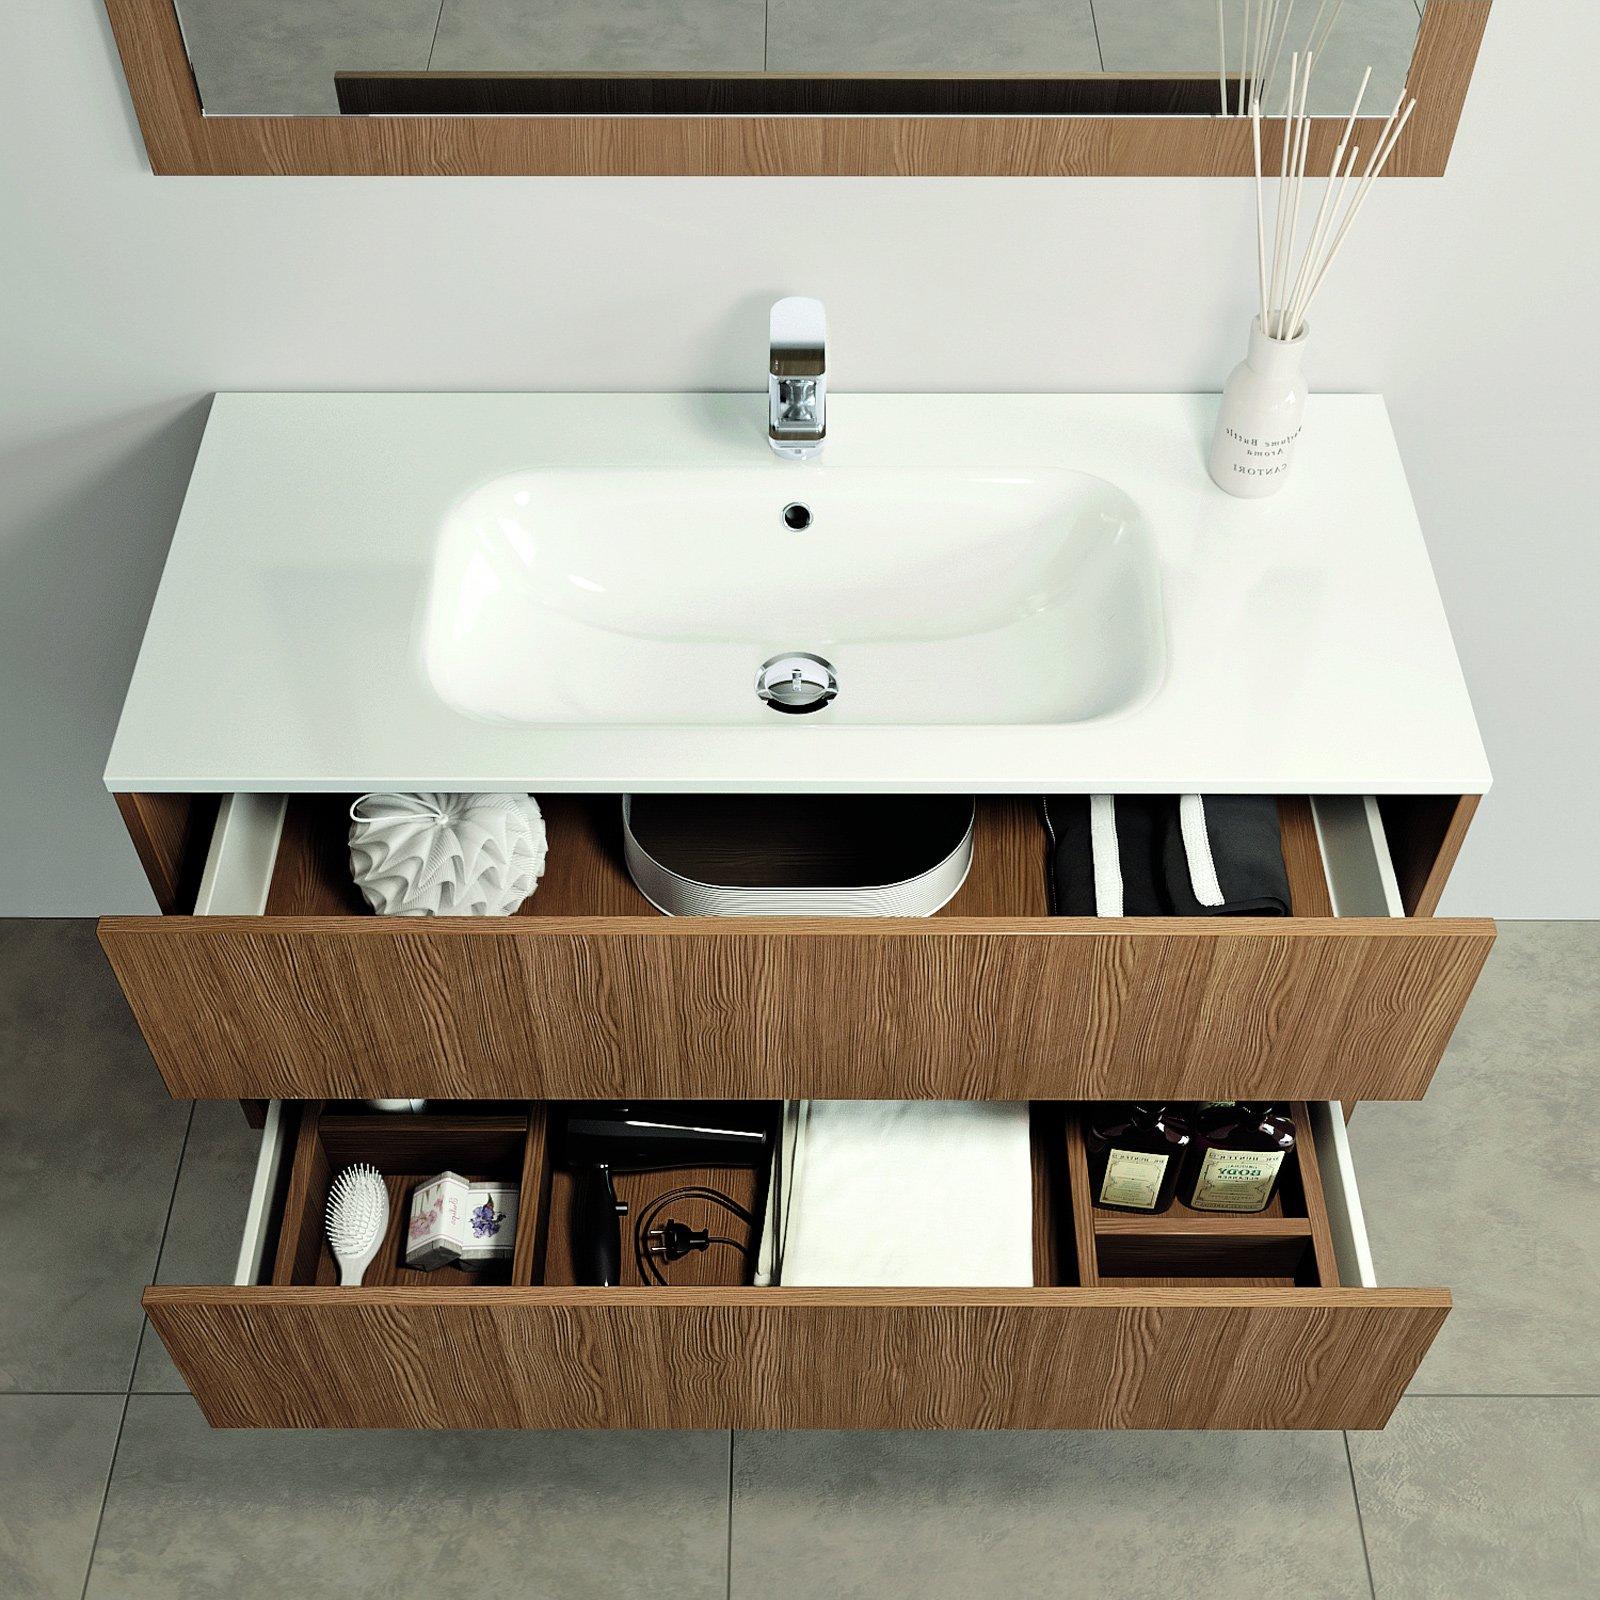 Mobili bagno con cassetti tutto in ordine sotto il lavabo - Mobili del bagno ...